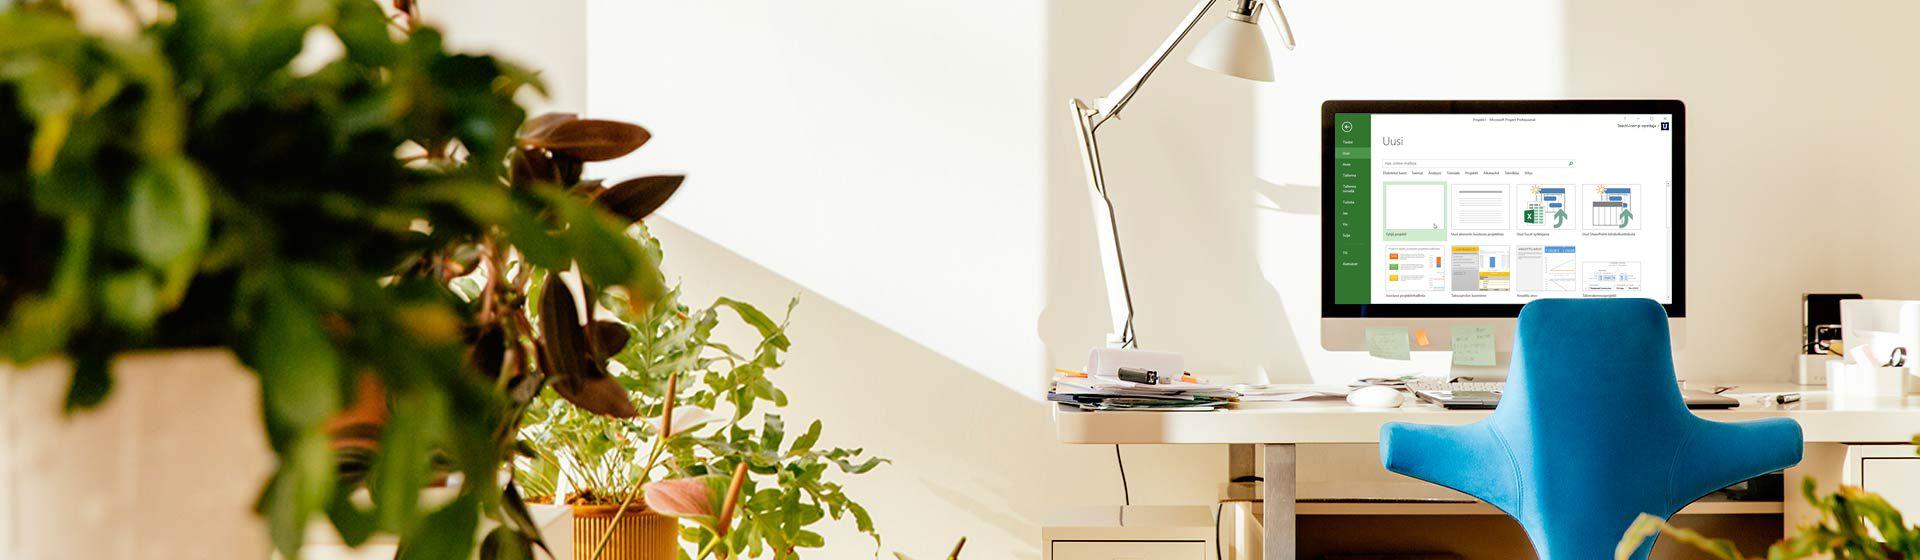 Työpöytä, jonka päällä olevassa tietokonenäytössä näkyy Microsoft Projectin Uusi projekti -ikkuna.